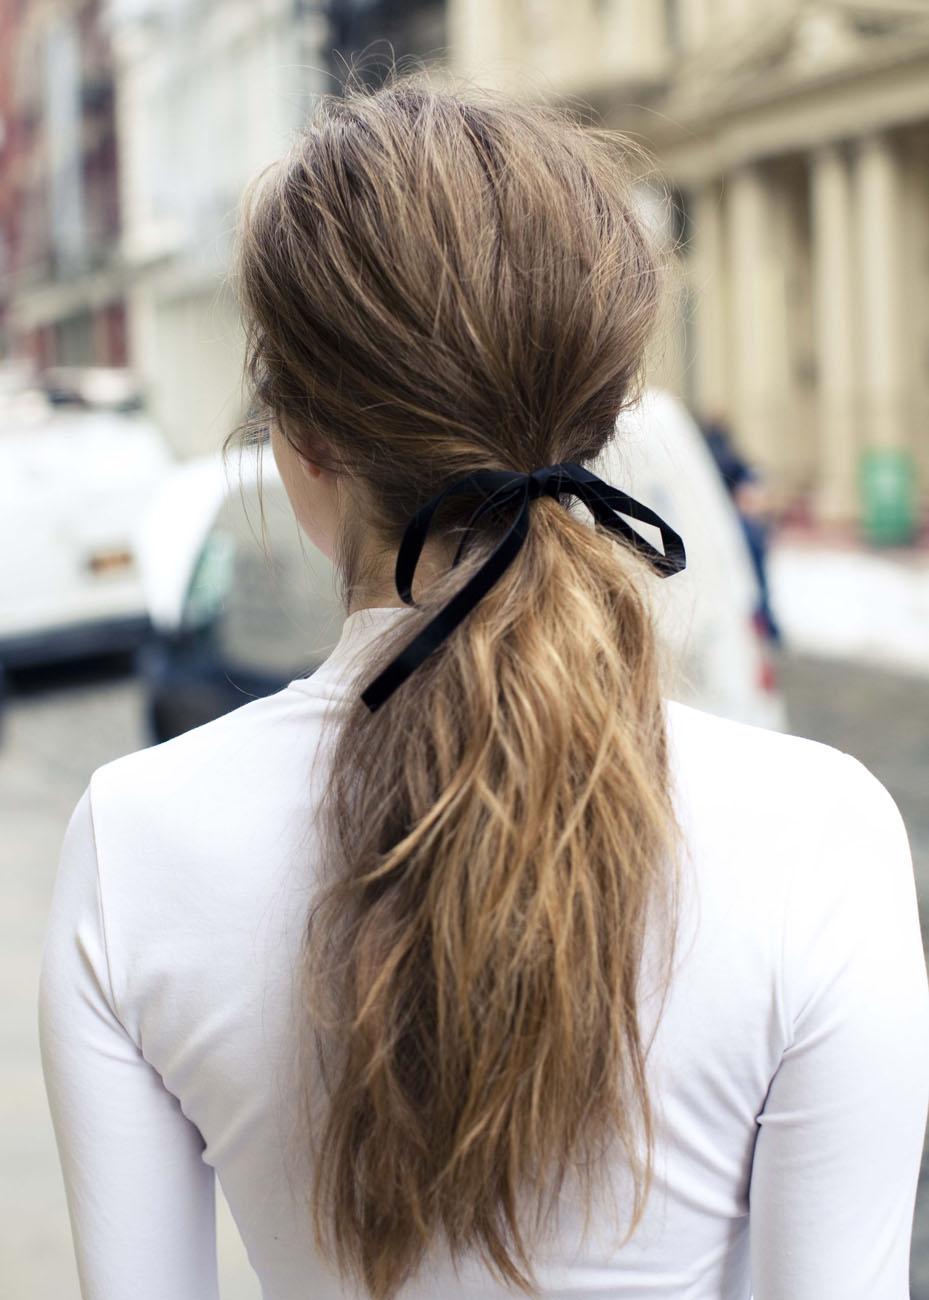 fita para laço de cabelo como fazer